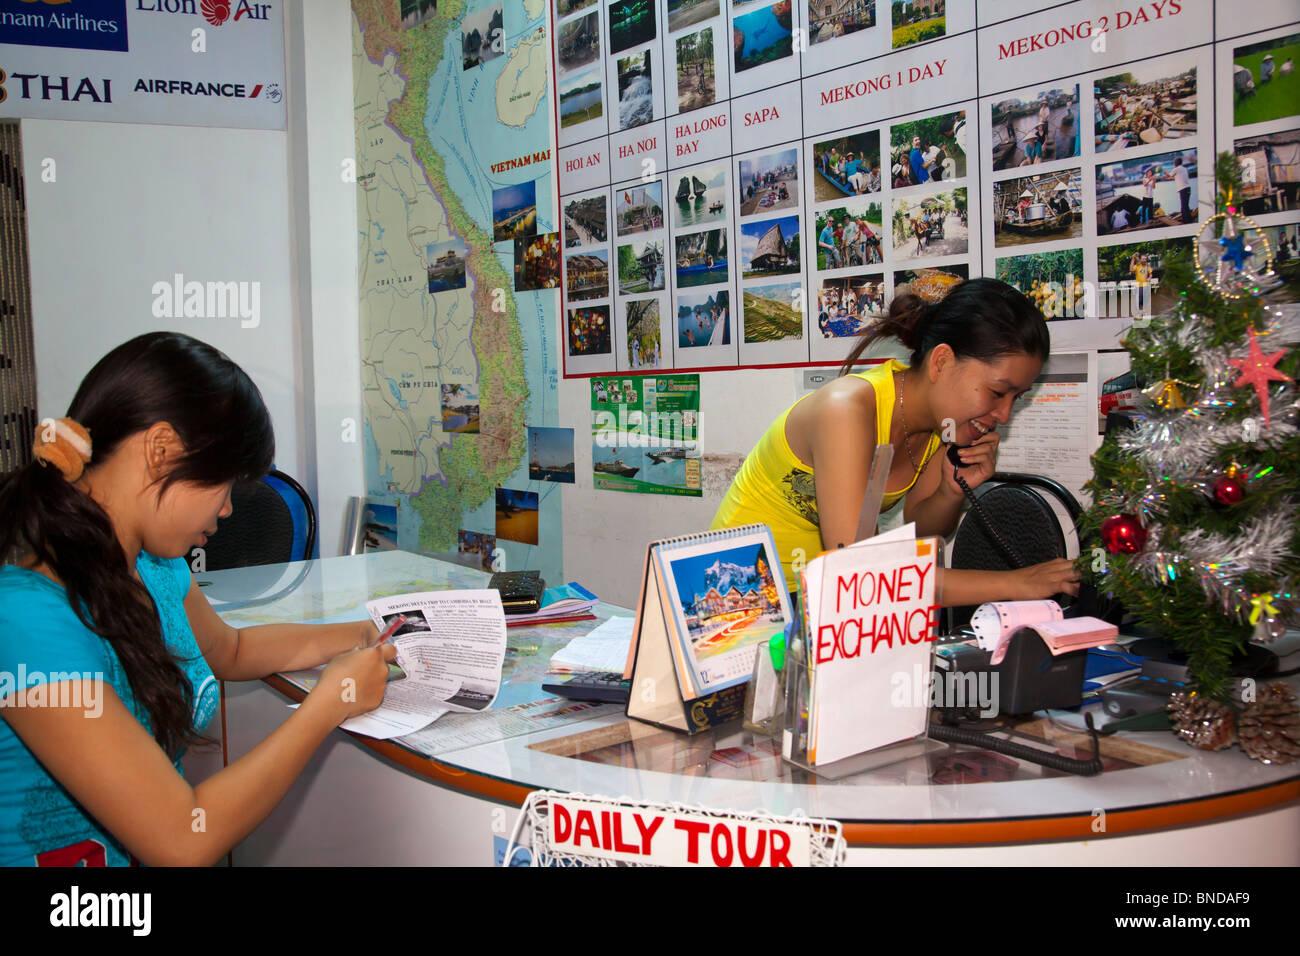 Il vietnamita agente di viaggi tour ufficio informazioni di viaggio Immagini Stock